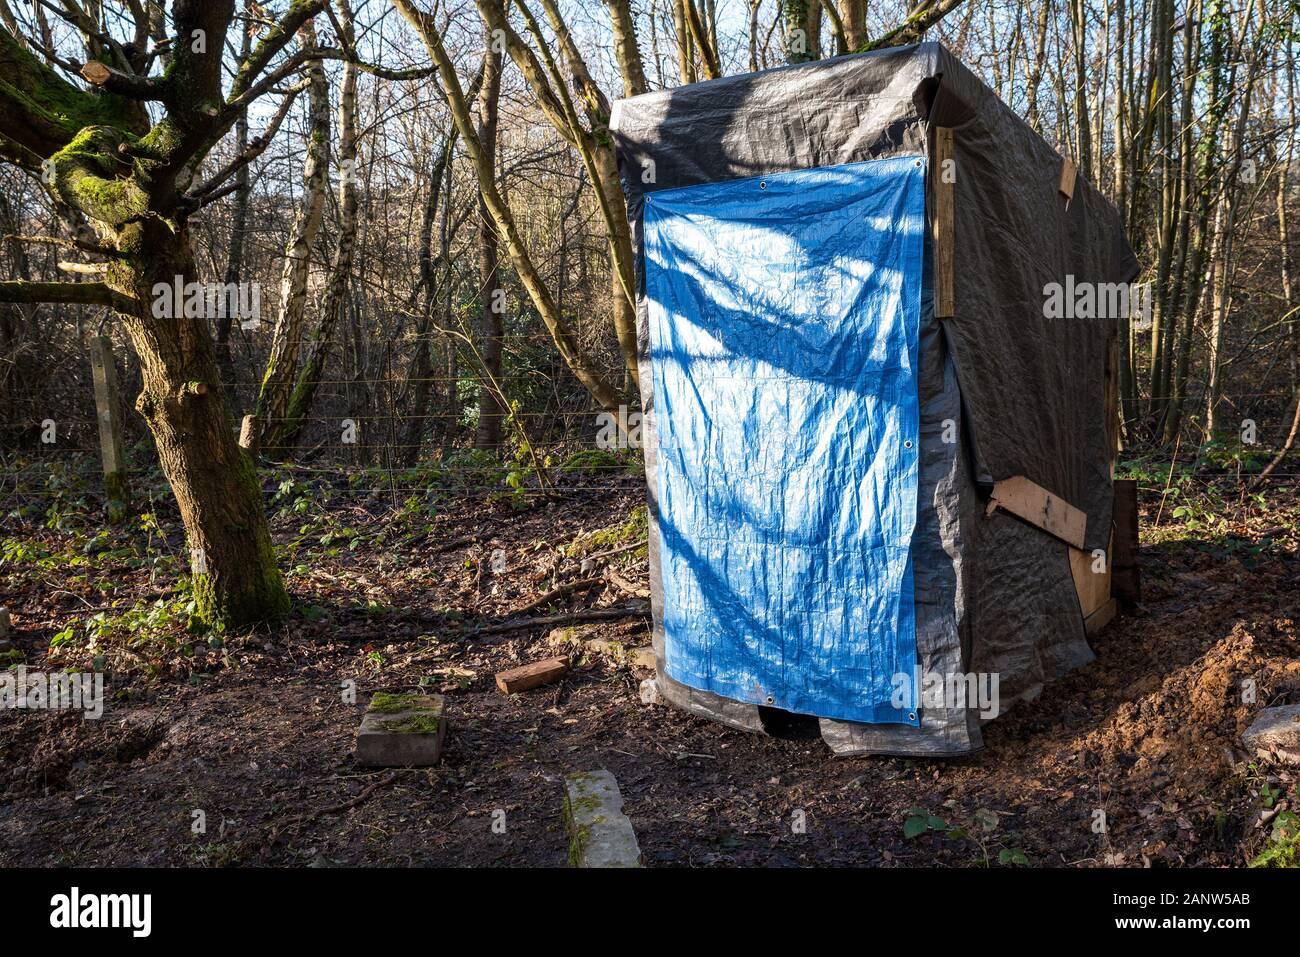 Wendover, Buckinghamshire, UK.18 gennaio 2020. Determinato gli attivisti contrapposta HS2 recentemente stabilito il Wendover resistenza attiva Camp nel bosco a sud di Wendover adiacente alla A413. Il camp si trova nel percorso della proposta di HS2 linea ferroviaria dove si sarebbe attraversare la A413. Il Wendover resistenza attiva Camp intende occupare il loro sito per quanto più a lungo possibile, opponendosi alla costruzione dell'HS2 linea ferroviaria. Il campo era ben organizzato con tende, campo di fuoco per la cottura, e qui illustrato un loo. Credito: Stephen Bell/Alamy Foto Stock